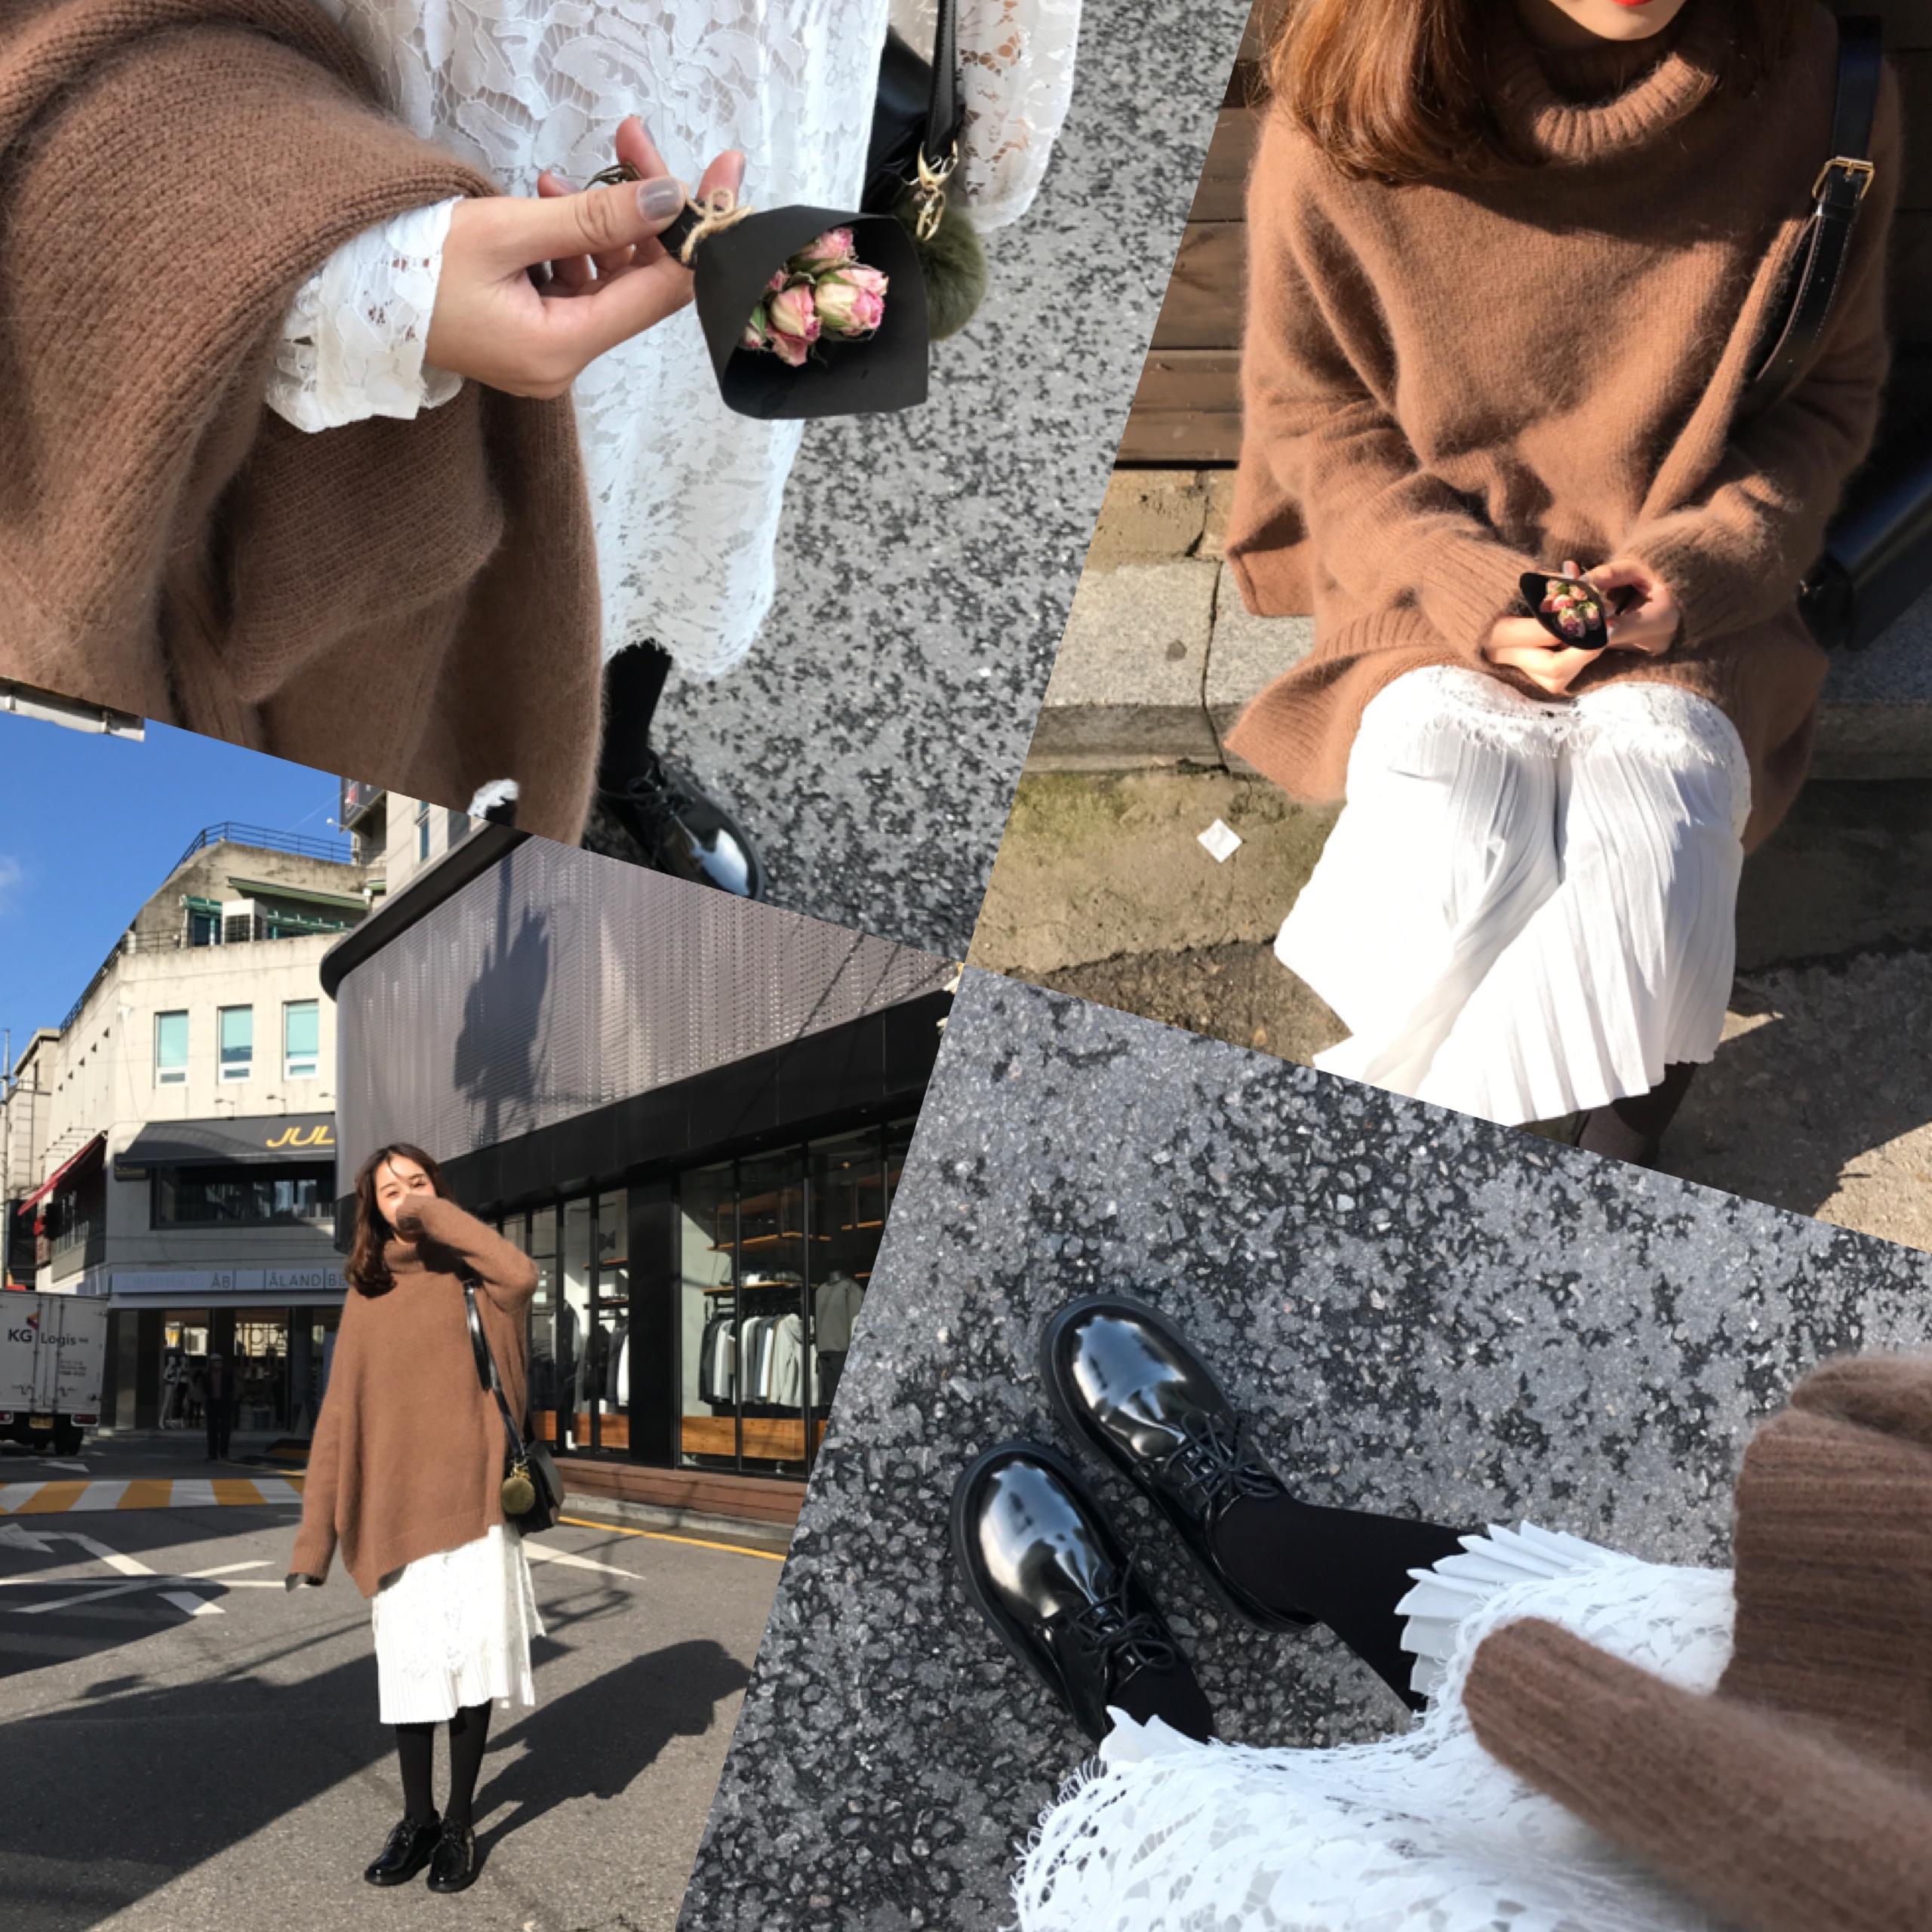 雪纺背心 自制两件套 韩国气质开叉蕾丝裙+中长款雪纺背心百褶连衣裙女套装_推荐淘宝好看的女雪纺背心